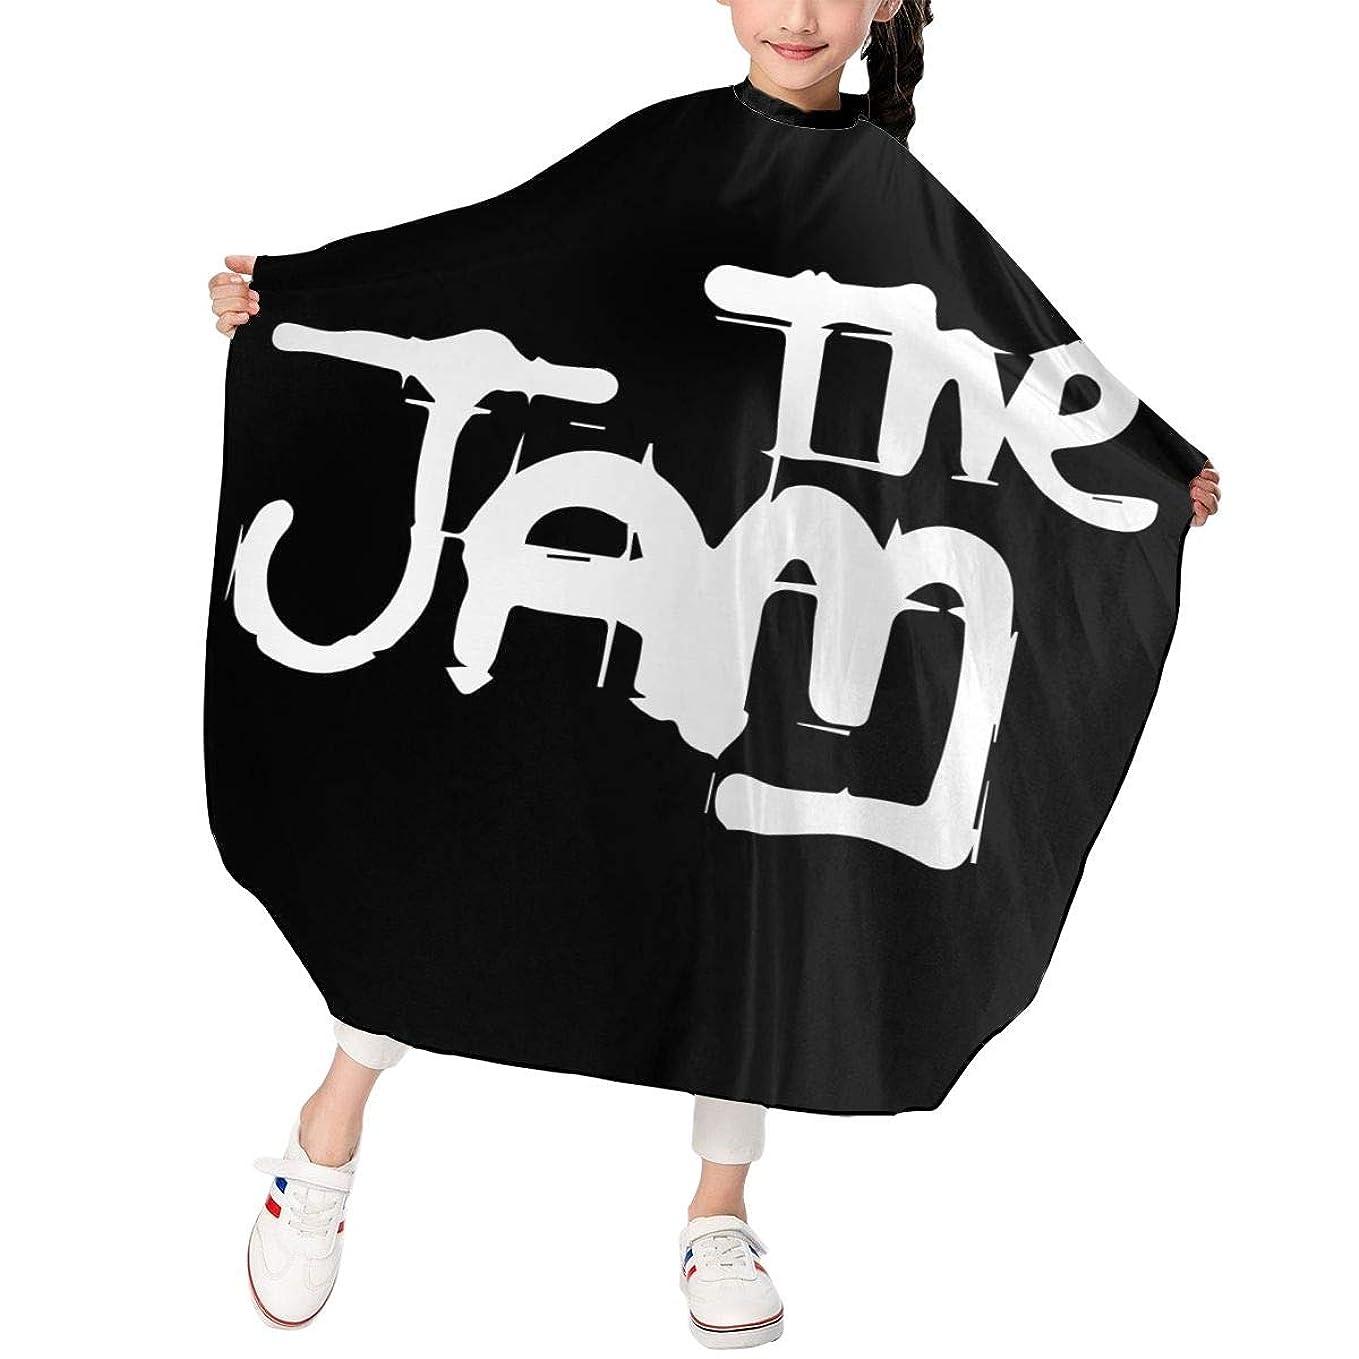 上院議員冒険者ベンチTHE JAM Black 子供エプロン ヘアーエプロン 散髪 ケープ 美容エプロン 静電気防止 ヘアカット ファミリー理髪 防水 自宅カット 120*100cm